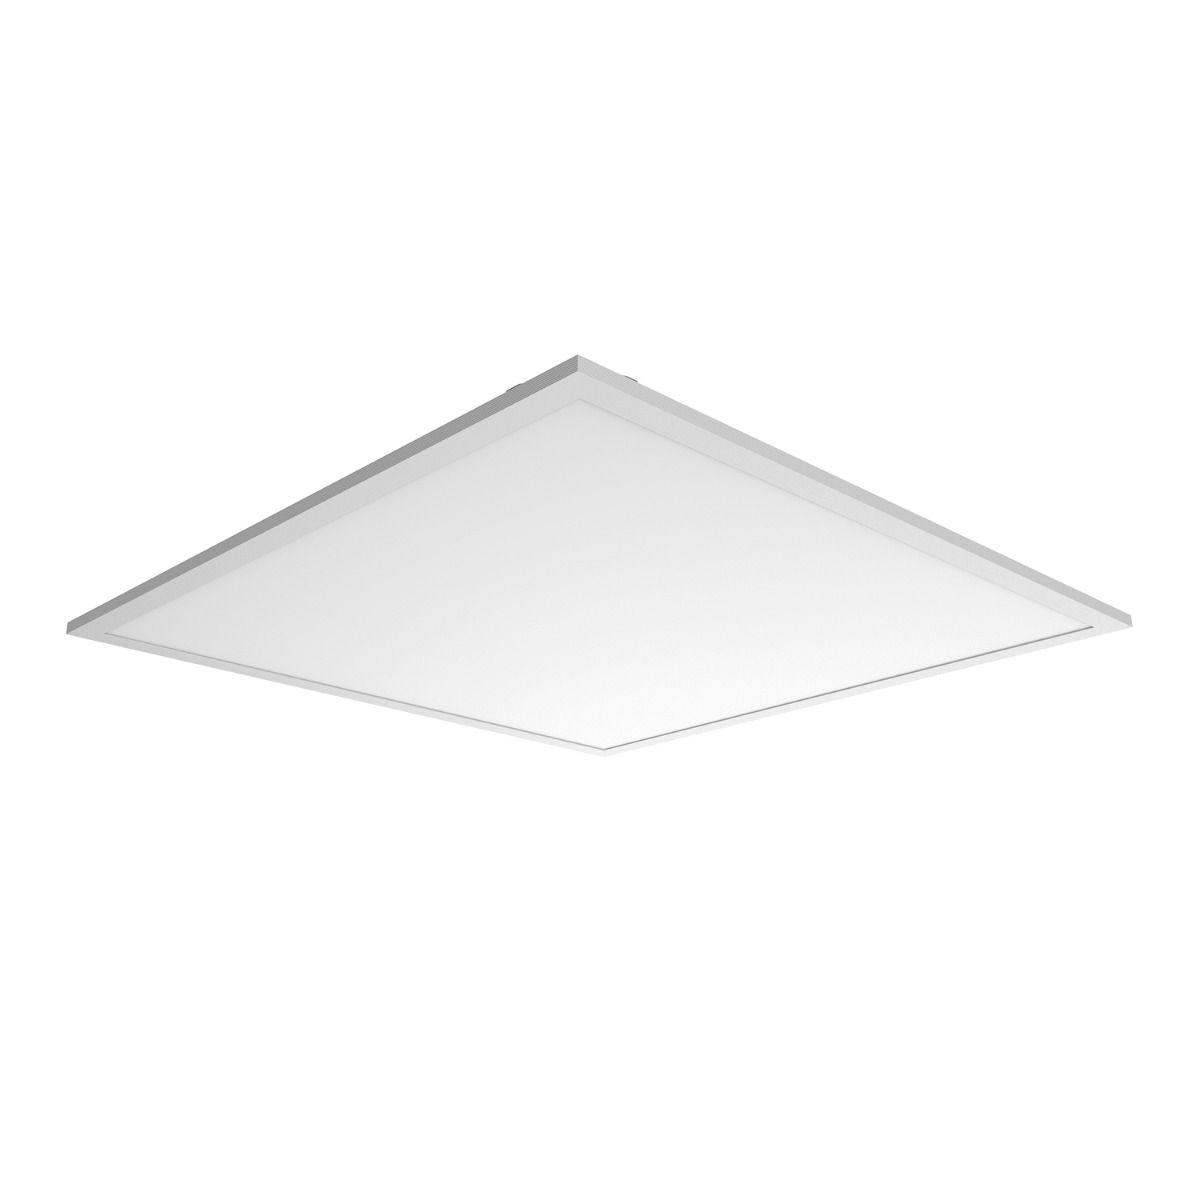 Noxion LED Panel Delta Pro V3 30W 4000K 4070lm 60x60cm UGR <22 | Kaltweiß - Ersatz für 4x18W